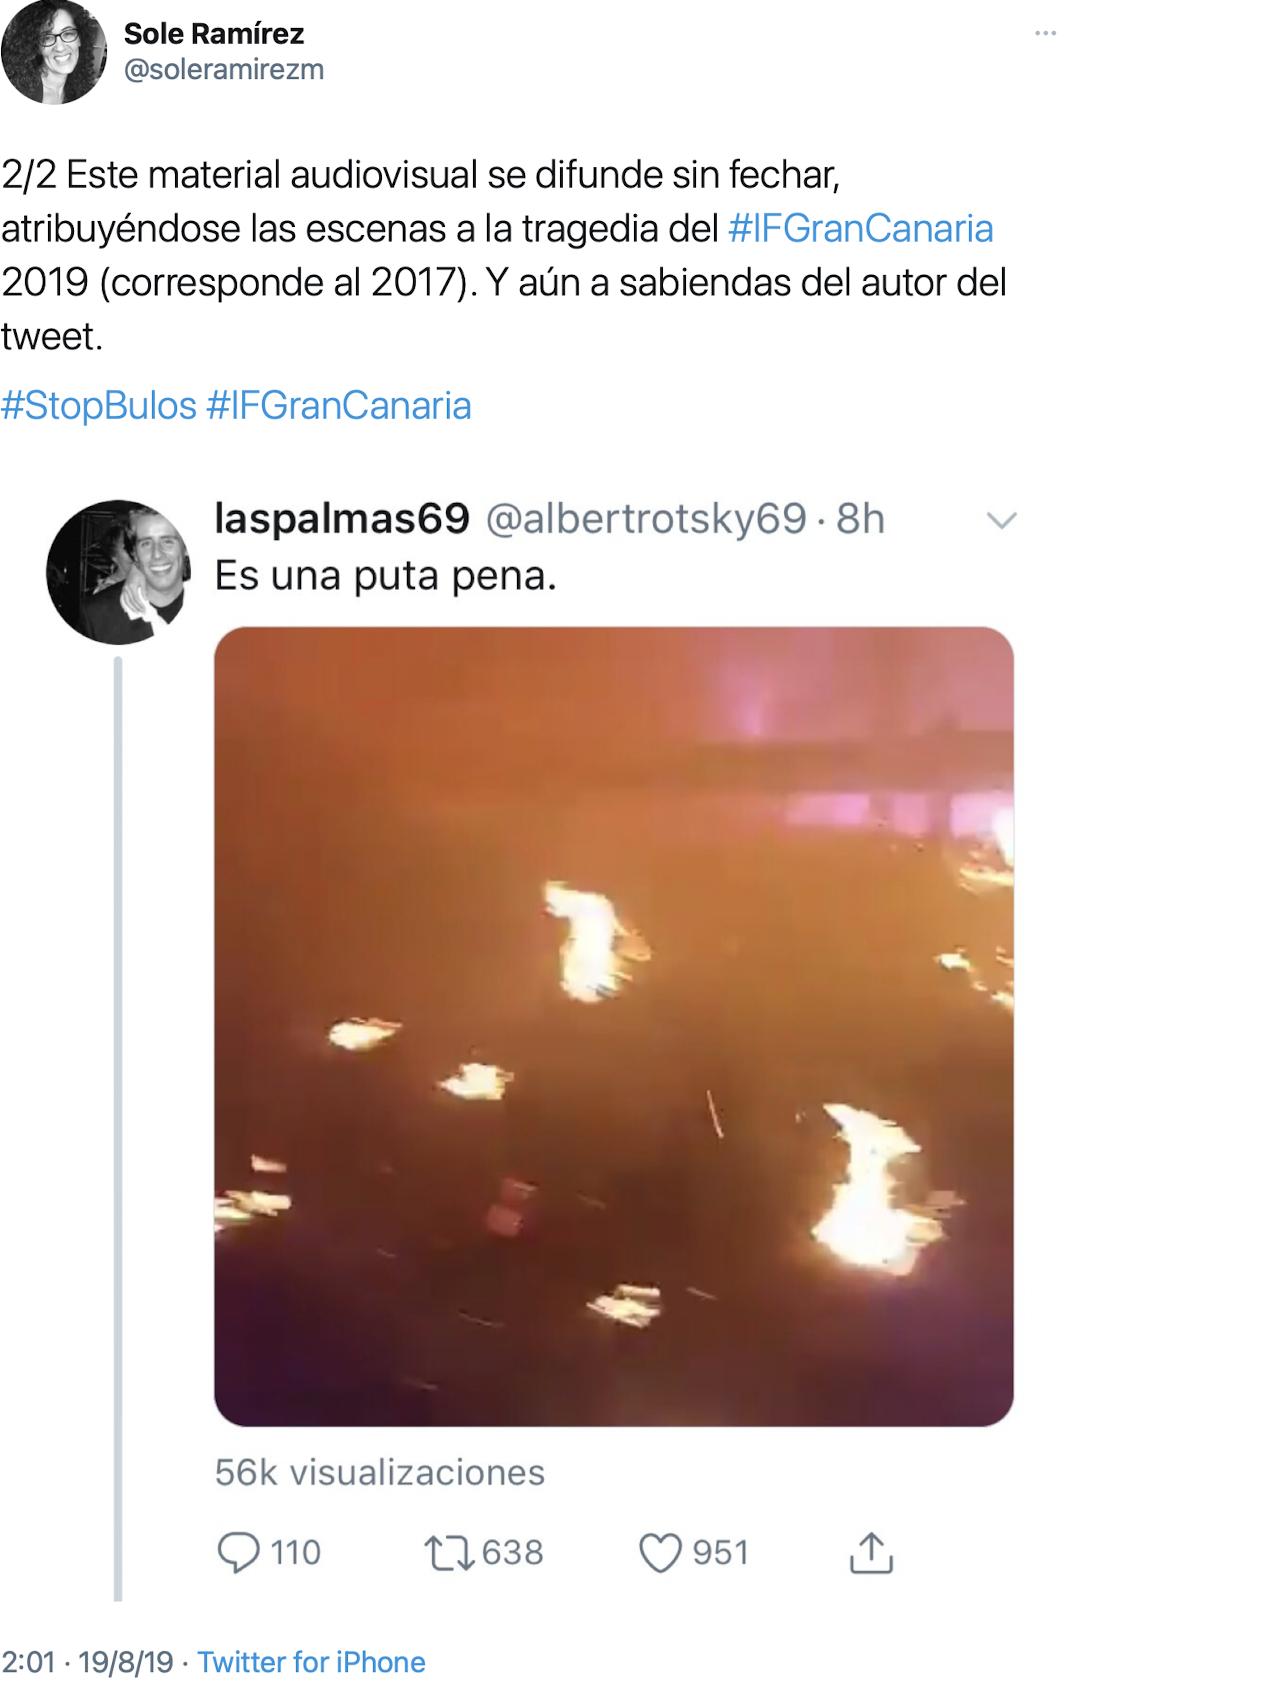 Captura de hilo de denuncia personal en Twitter, detallando datos sobre la difusión de un video del 2017 durante los incendios del 2019 en Gran Canaria (España) | @soleramirezm, https://bit.ly/3ayNhjL